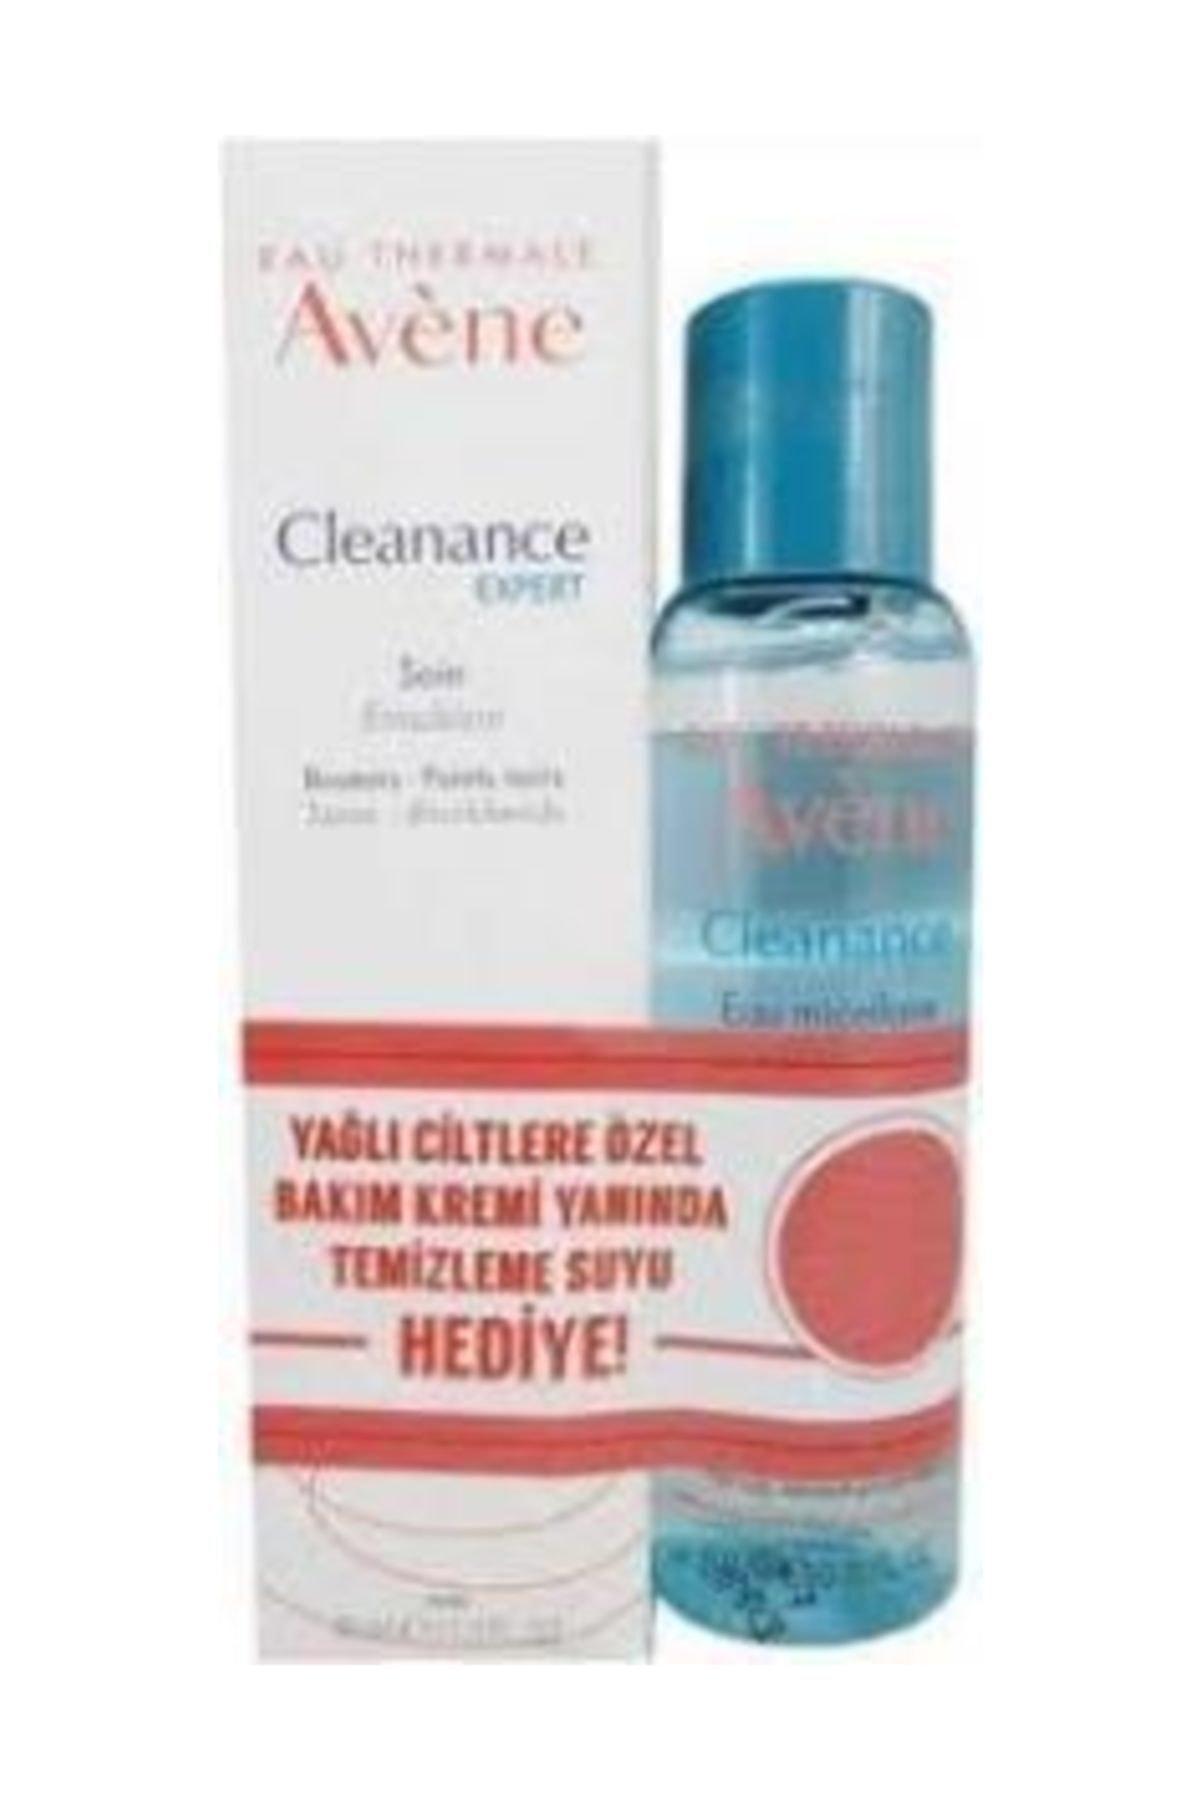 Avene Cleanance Expert Emulsion 40 ml Set 10007180 1